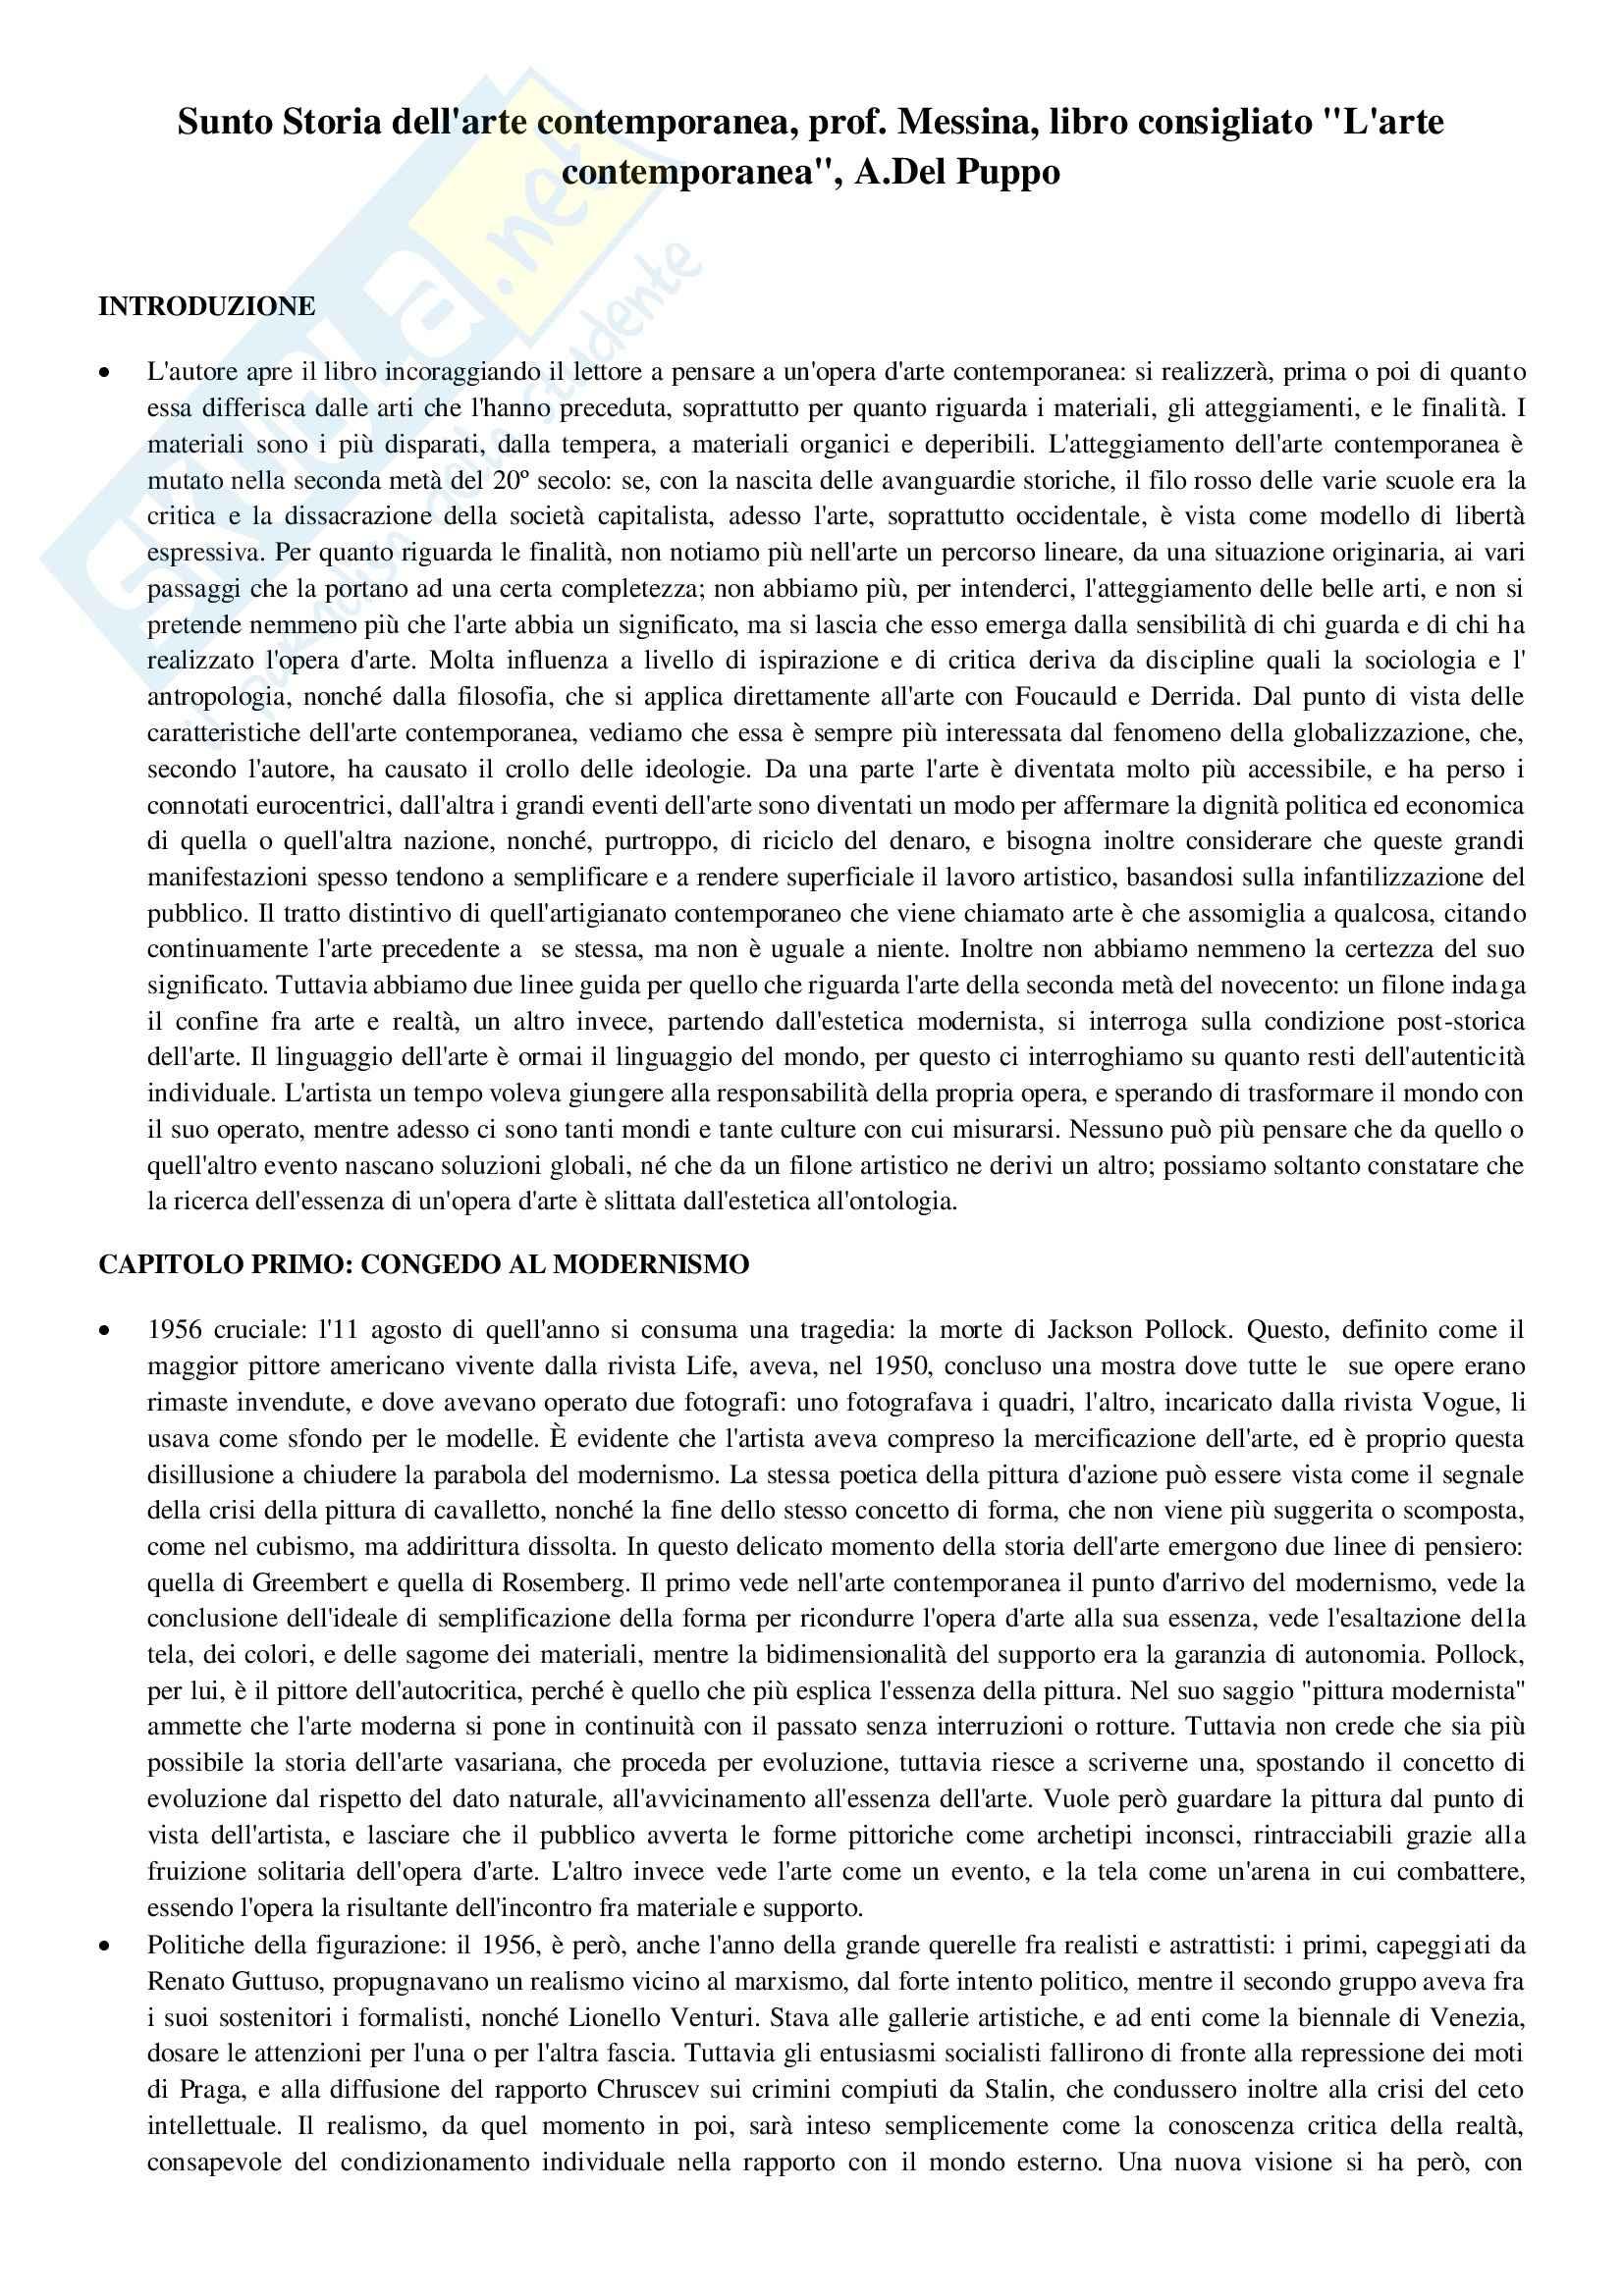 Riassunto esame Storia dell'arte contemporanea, prof. Messina, libro consigliato L'arte contemporanea, .Del Puppo